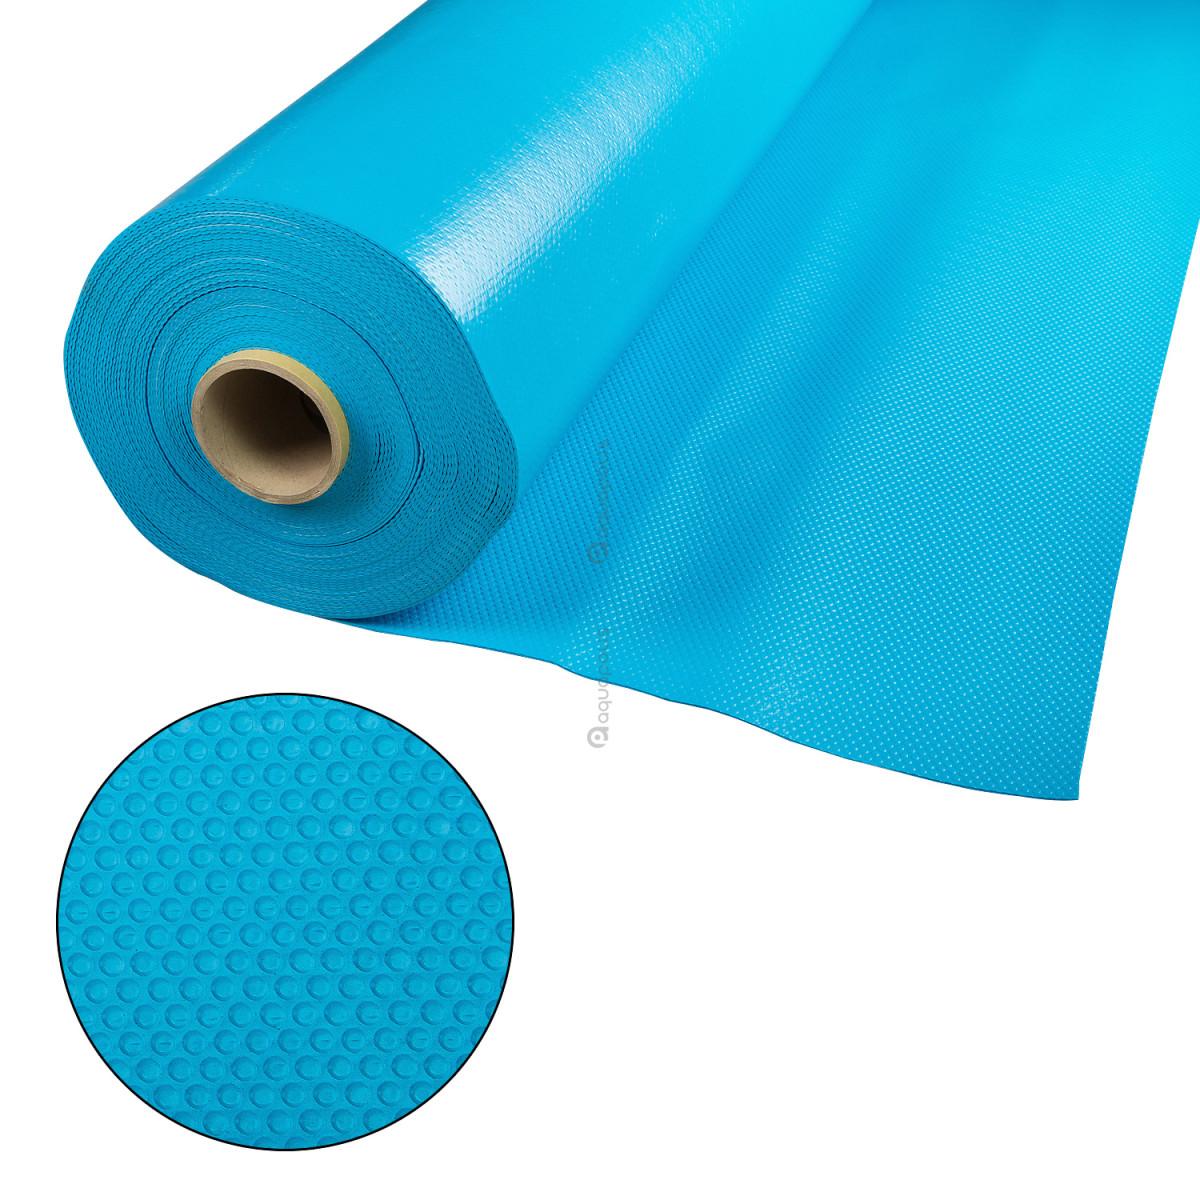 Плёнка пвх для бассейна. все характеристики и примерные цены гидроизоляционного материала. пленка пвх для бассейна